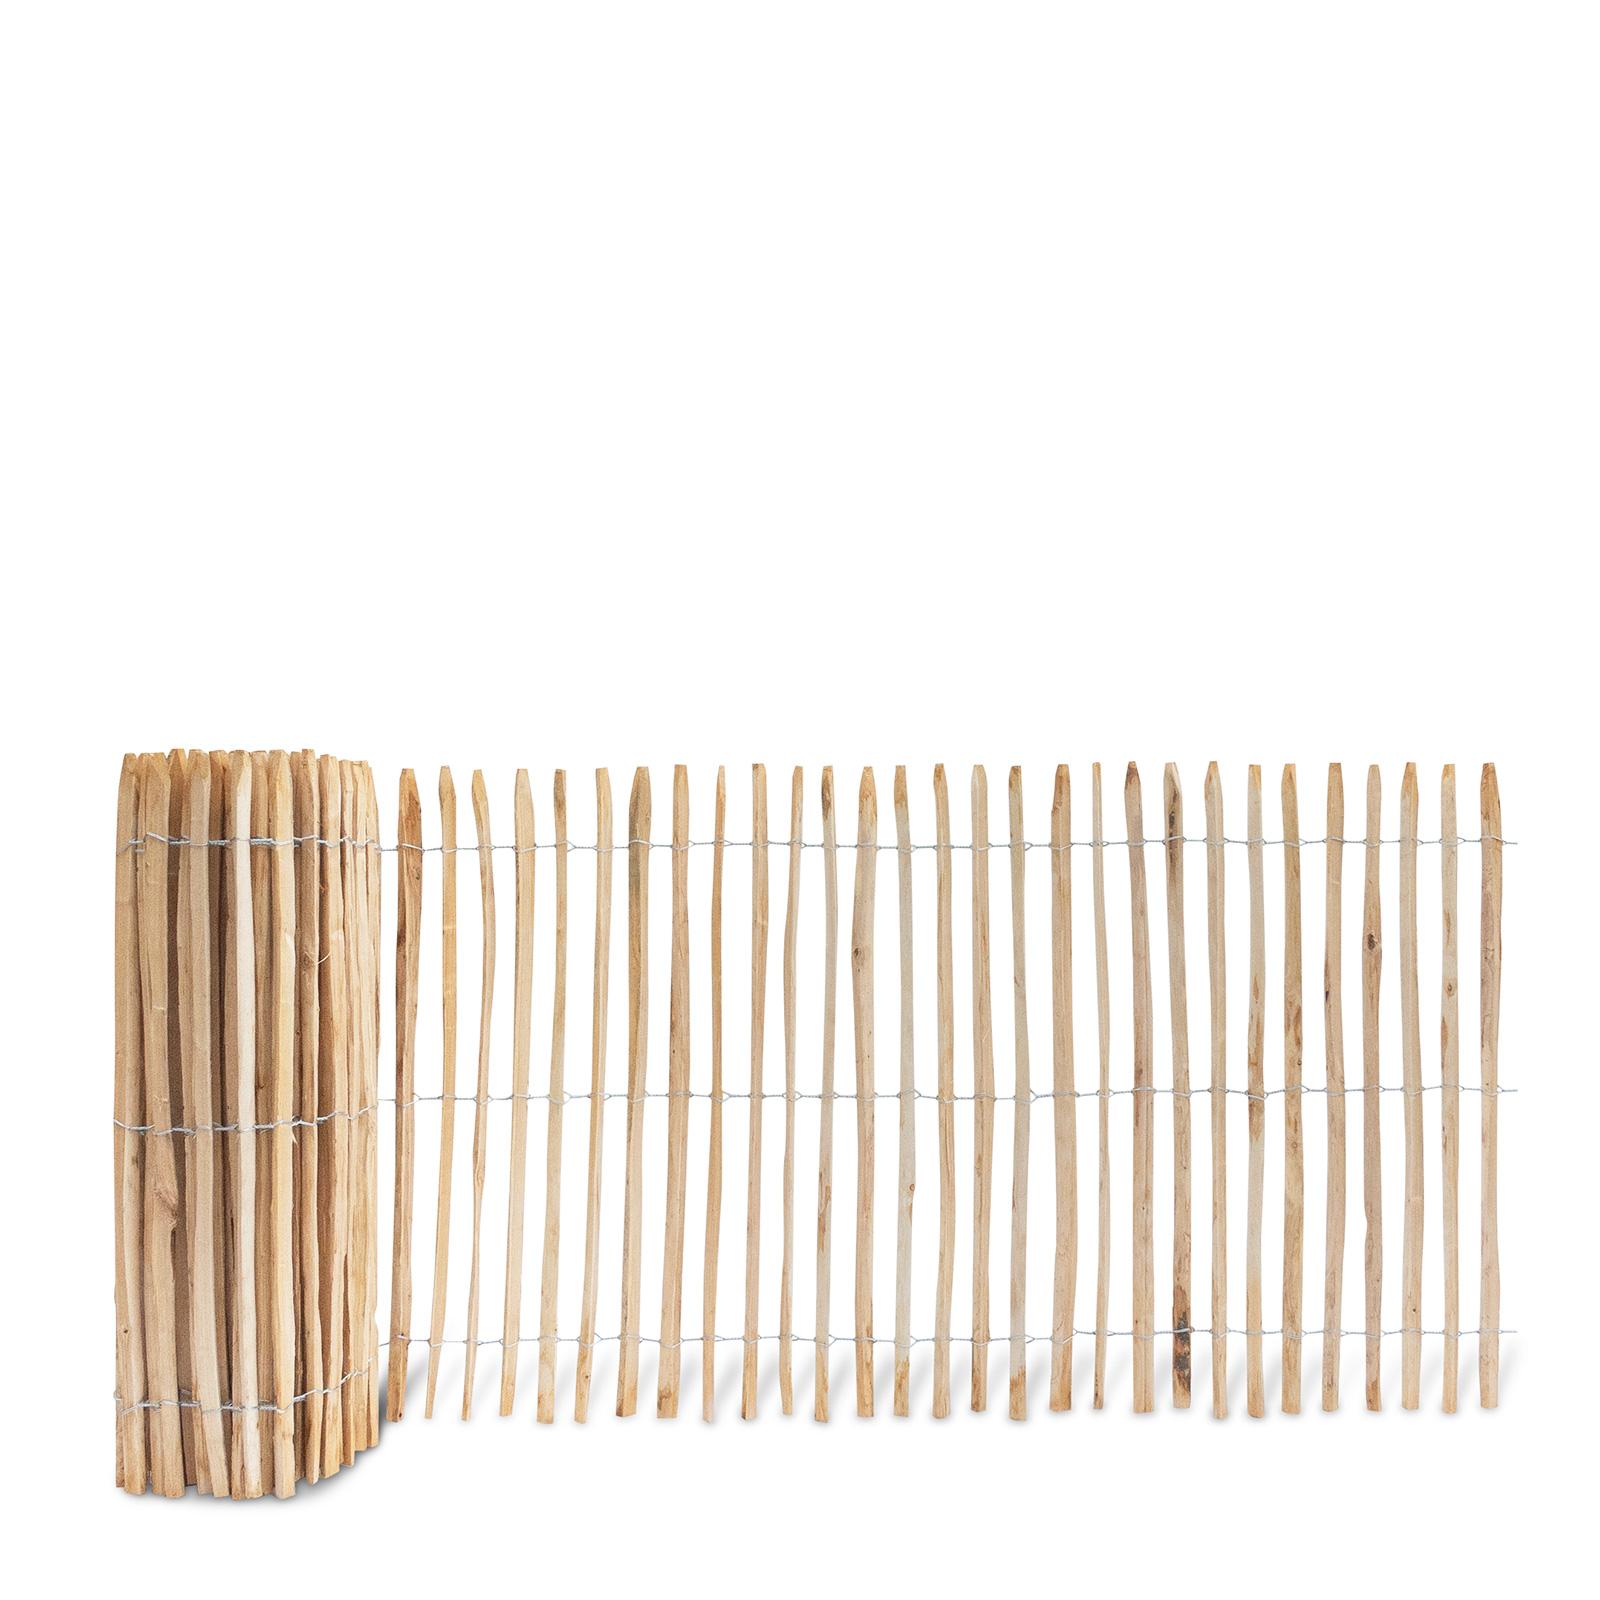 Französischer Staketenzaun aus Kastanienholz, 120 cm hoch mit einem Lattenabstand von 4-5 Zentimetern. Mit seinen angespitzten und verdrahteten Hölzern passt der schöne Zaun in jede Umgebung. Ganz ohne Pflege hält der natürliche Gartenzaun rund 20 Jahre.